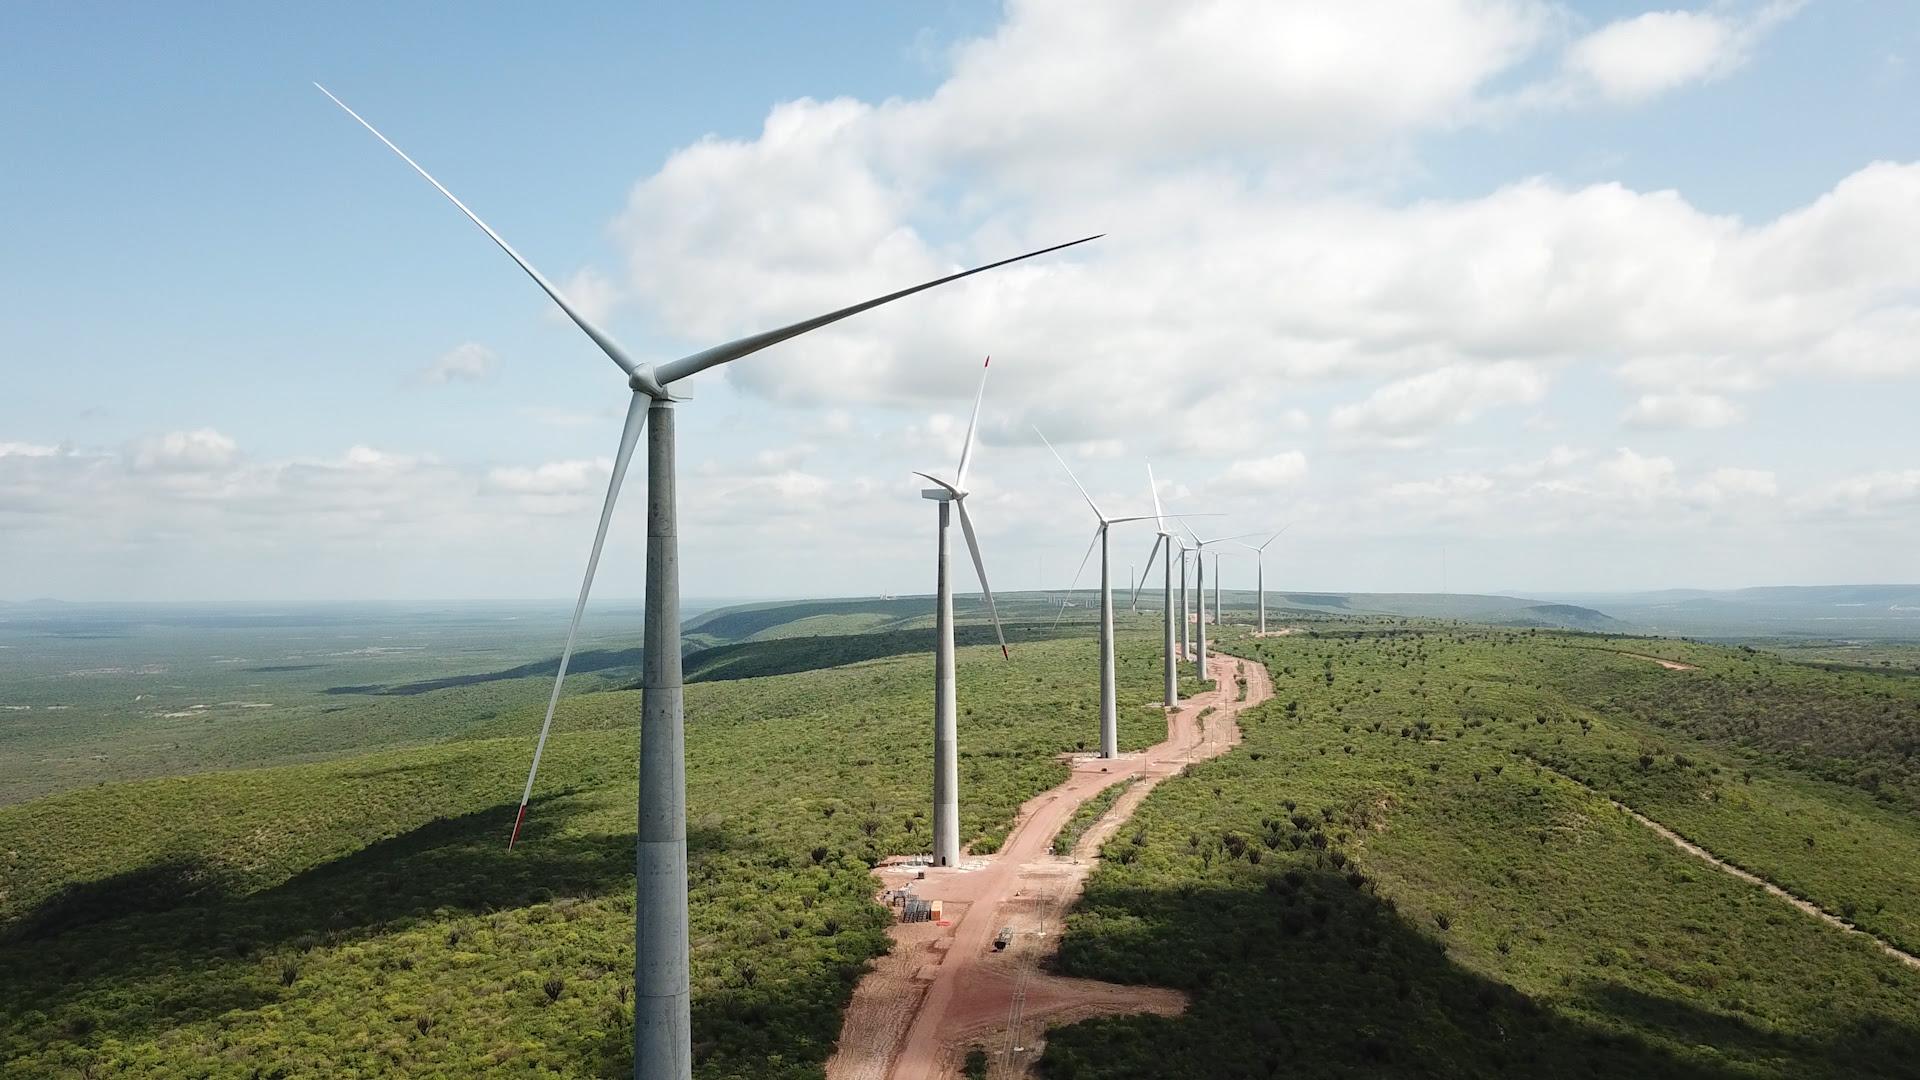 Enel Green Power inicia operación comercial del Parque Eólico más grande de Sudamérica, Lagoa Dos Ventos, en Brasil